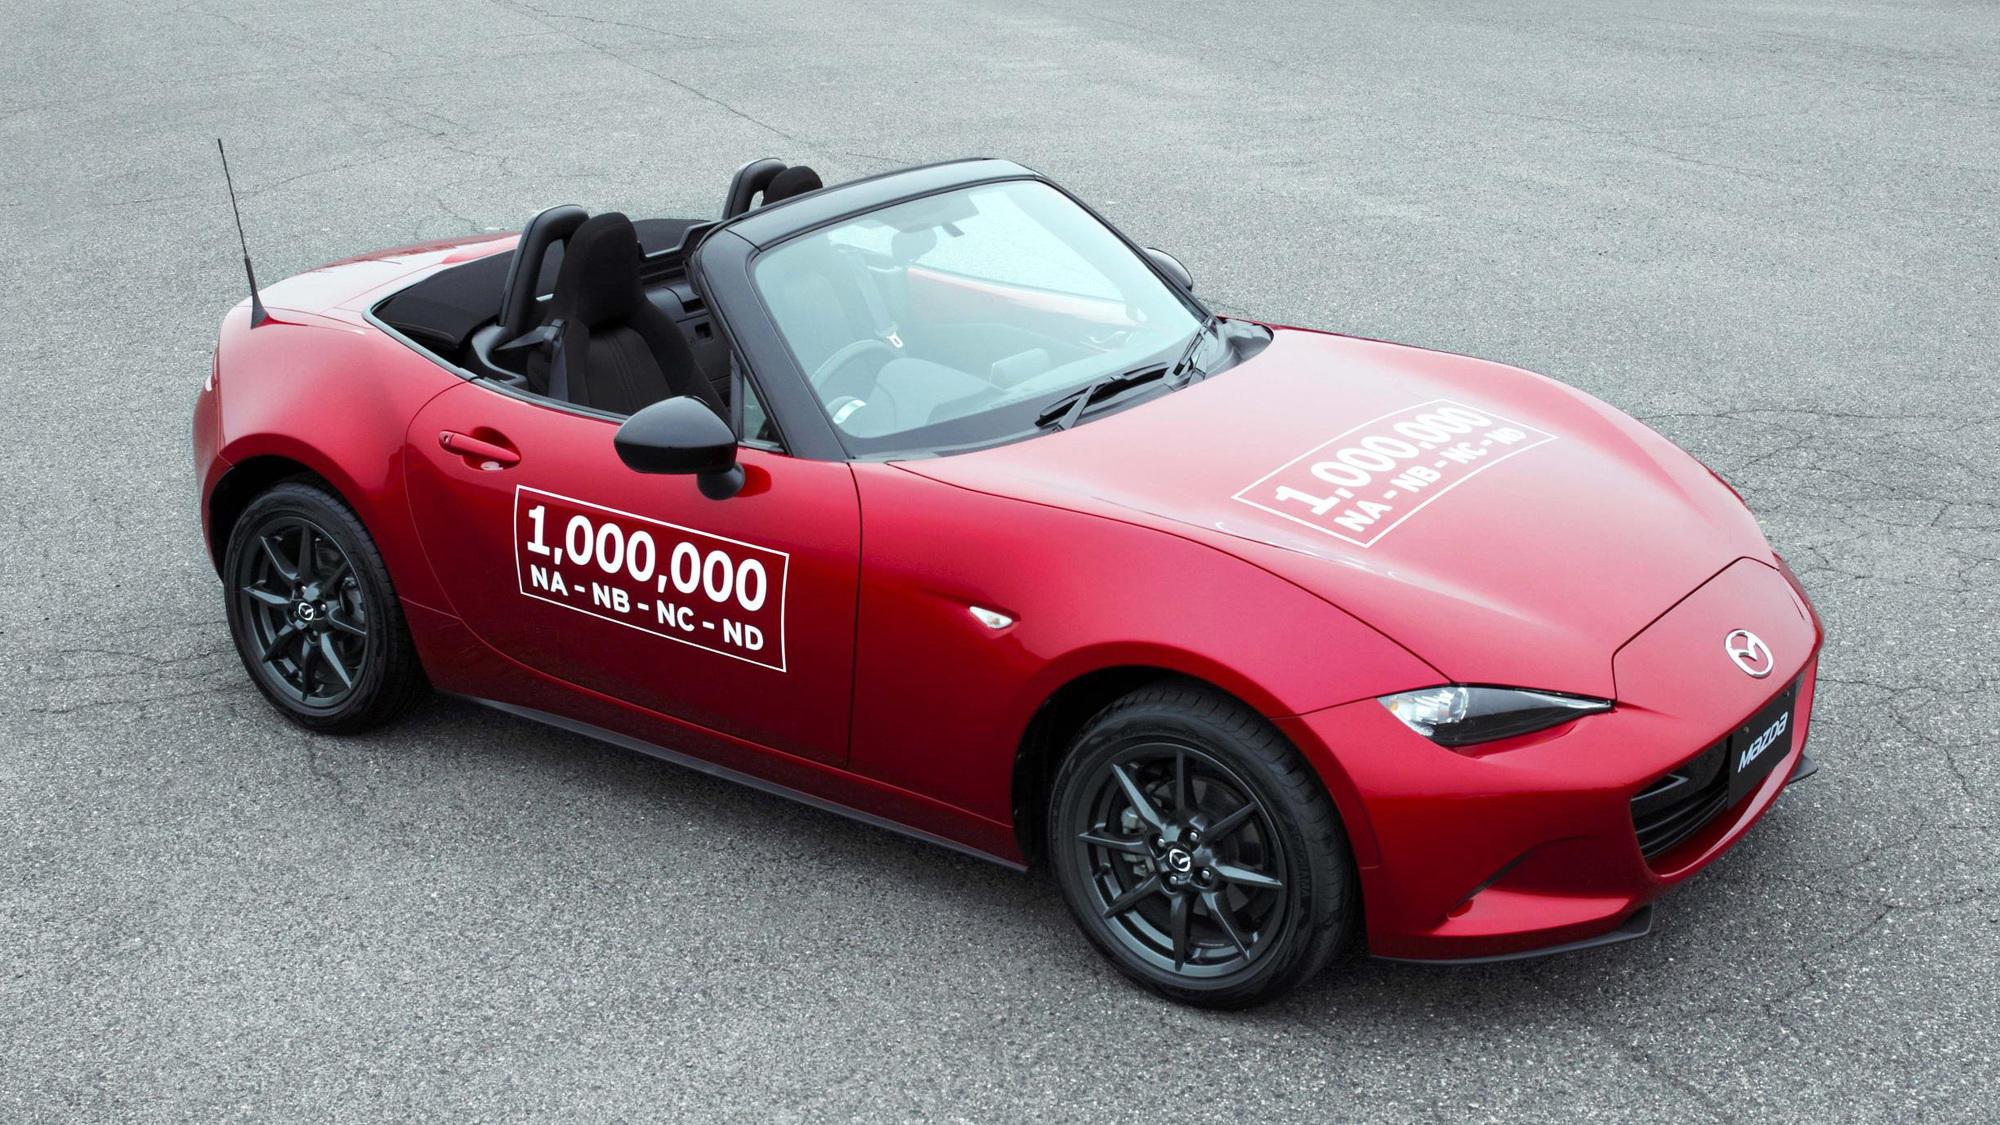 One millionth Mazda MX-5 Miata